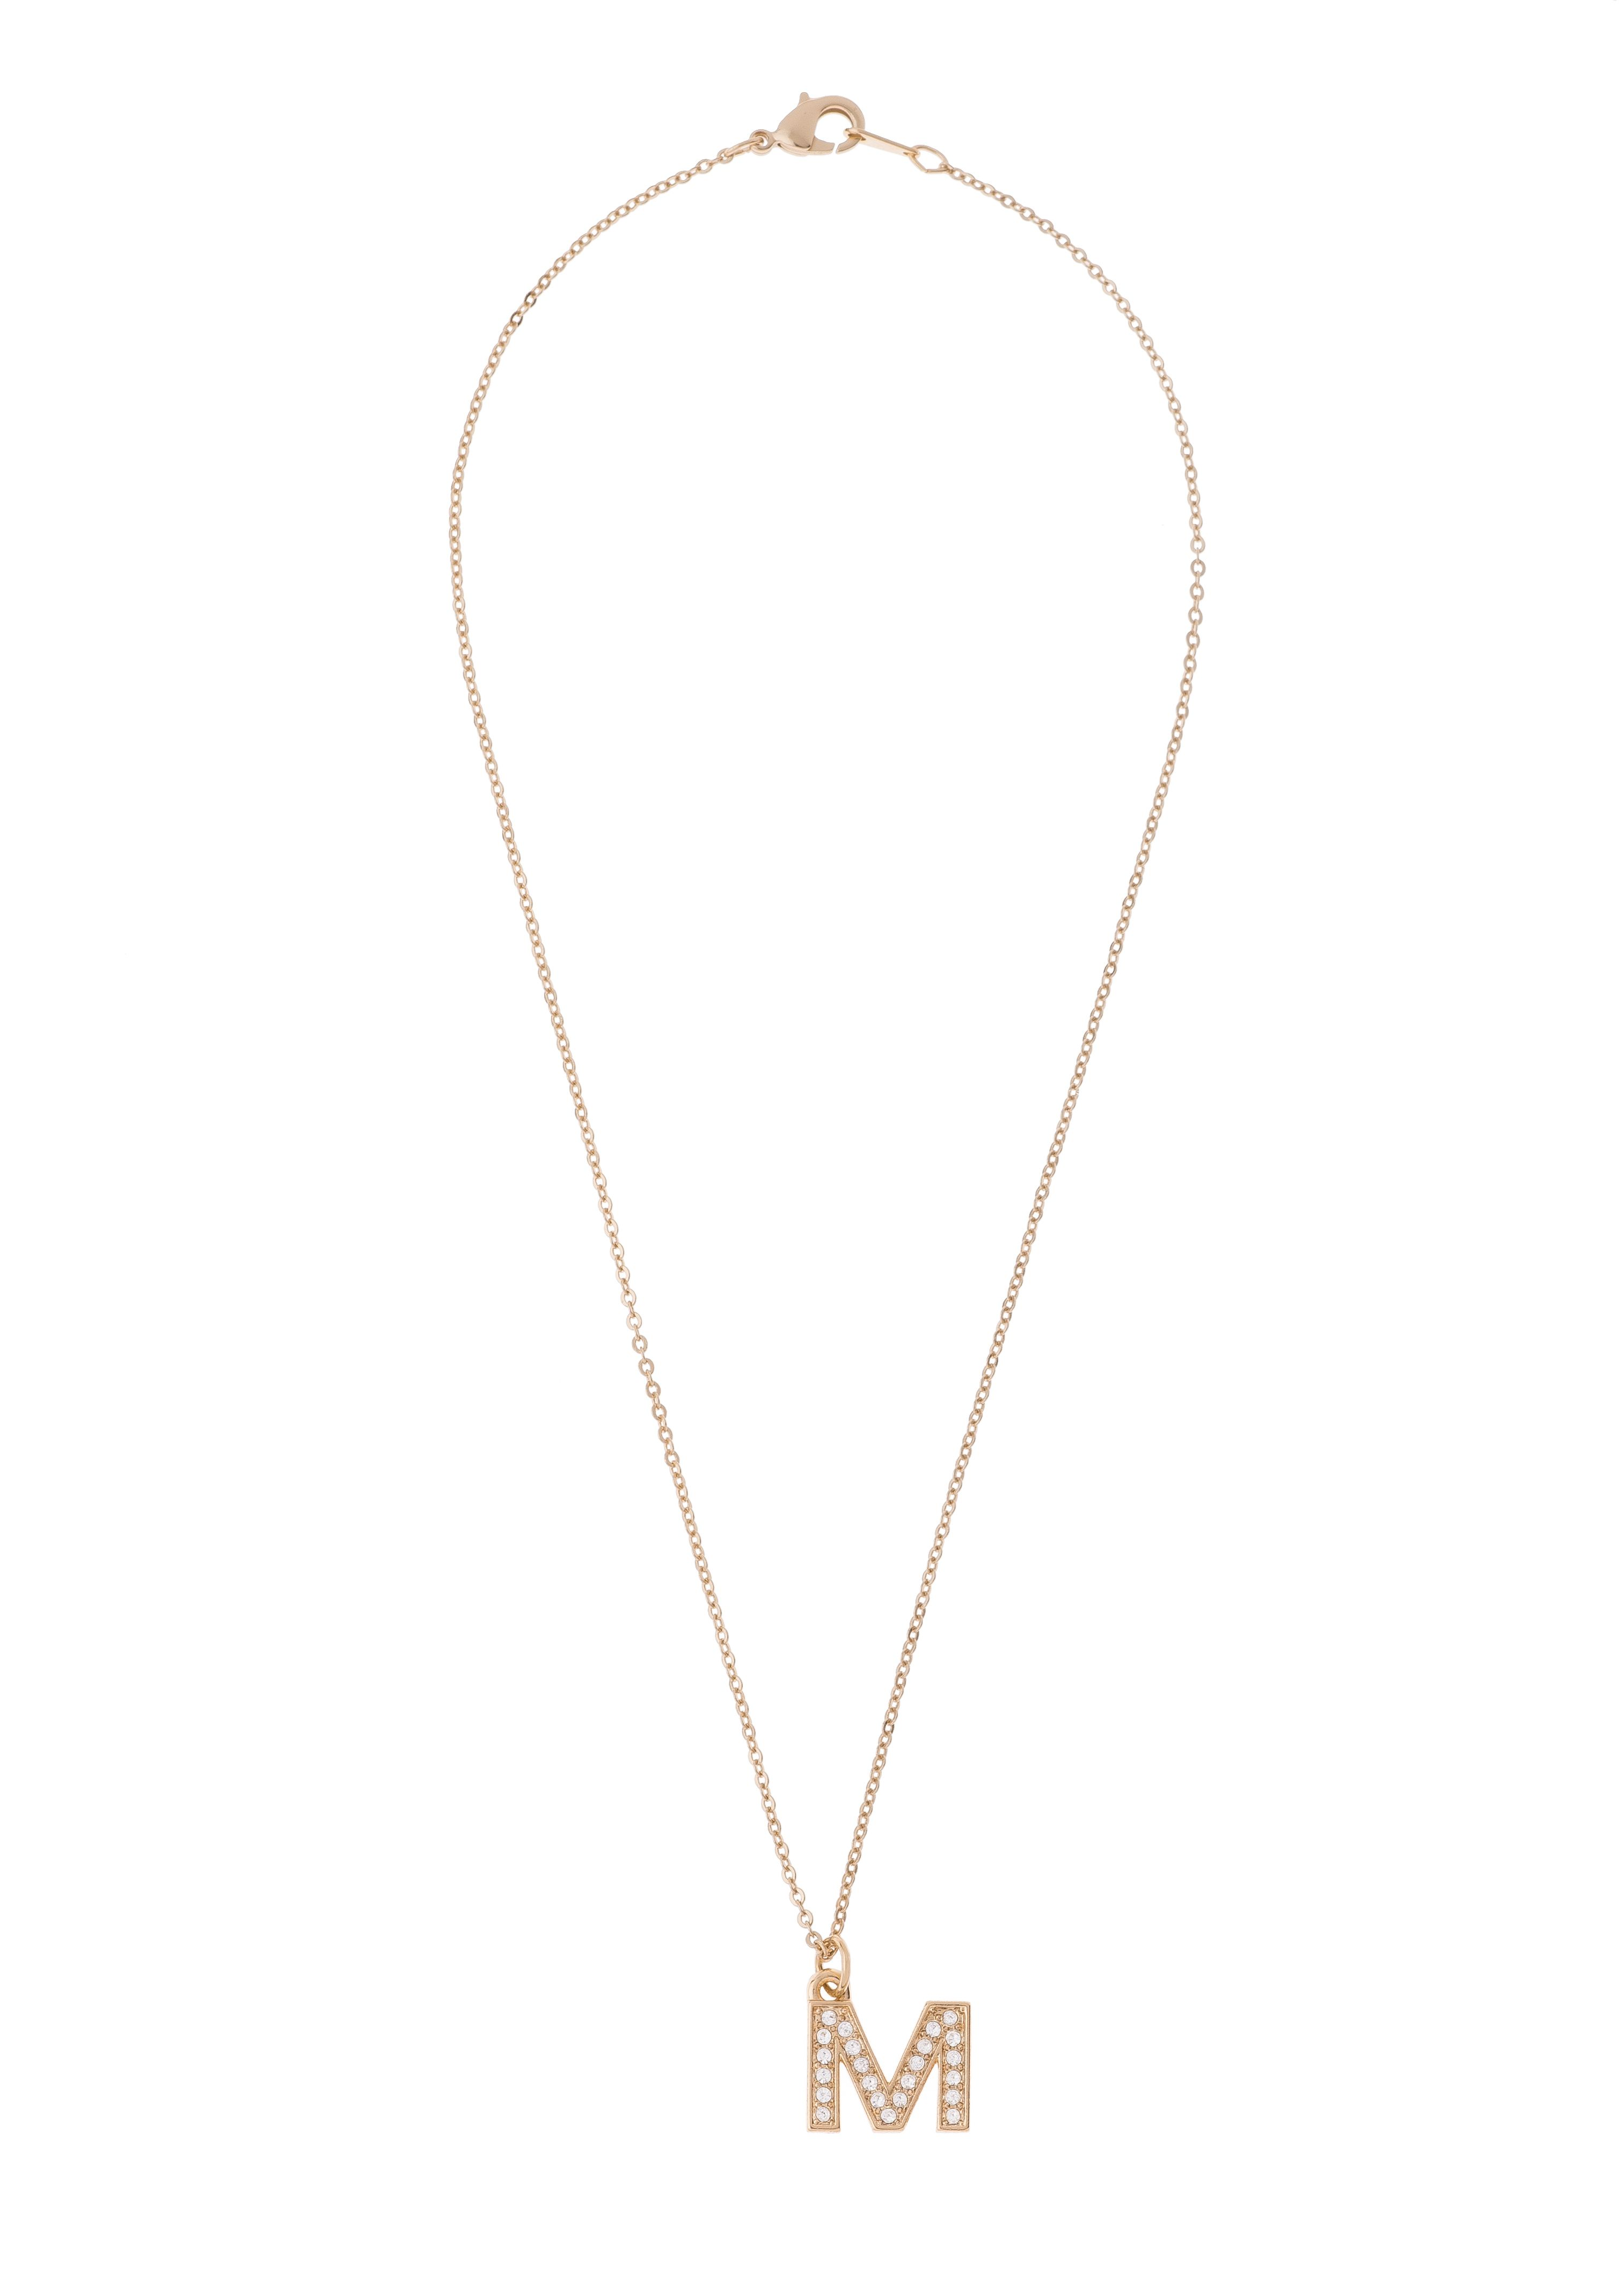 Collar 118881-M  -Dije con cadena de 42 cm de largo con baño de oro y piedras de cristal.